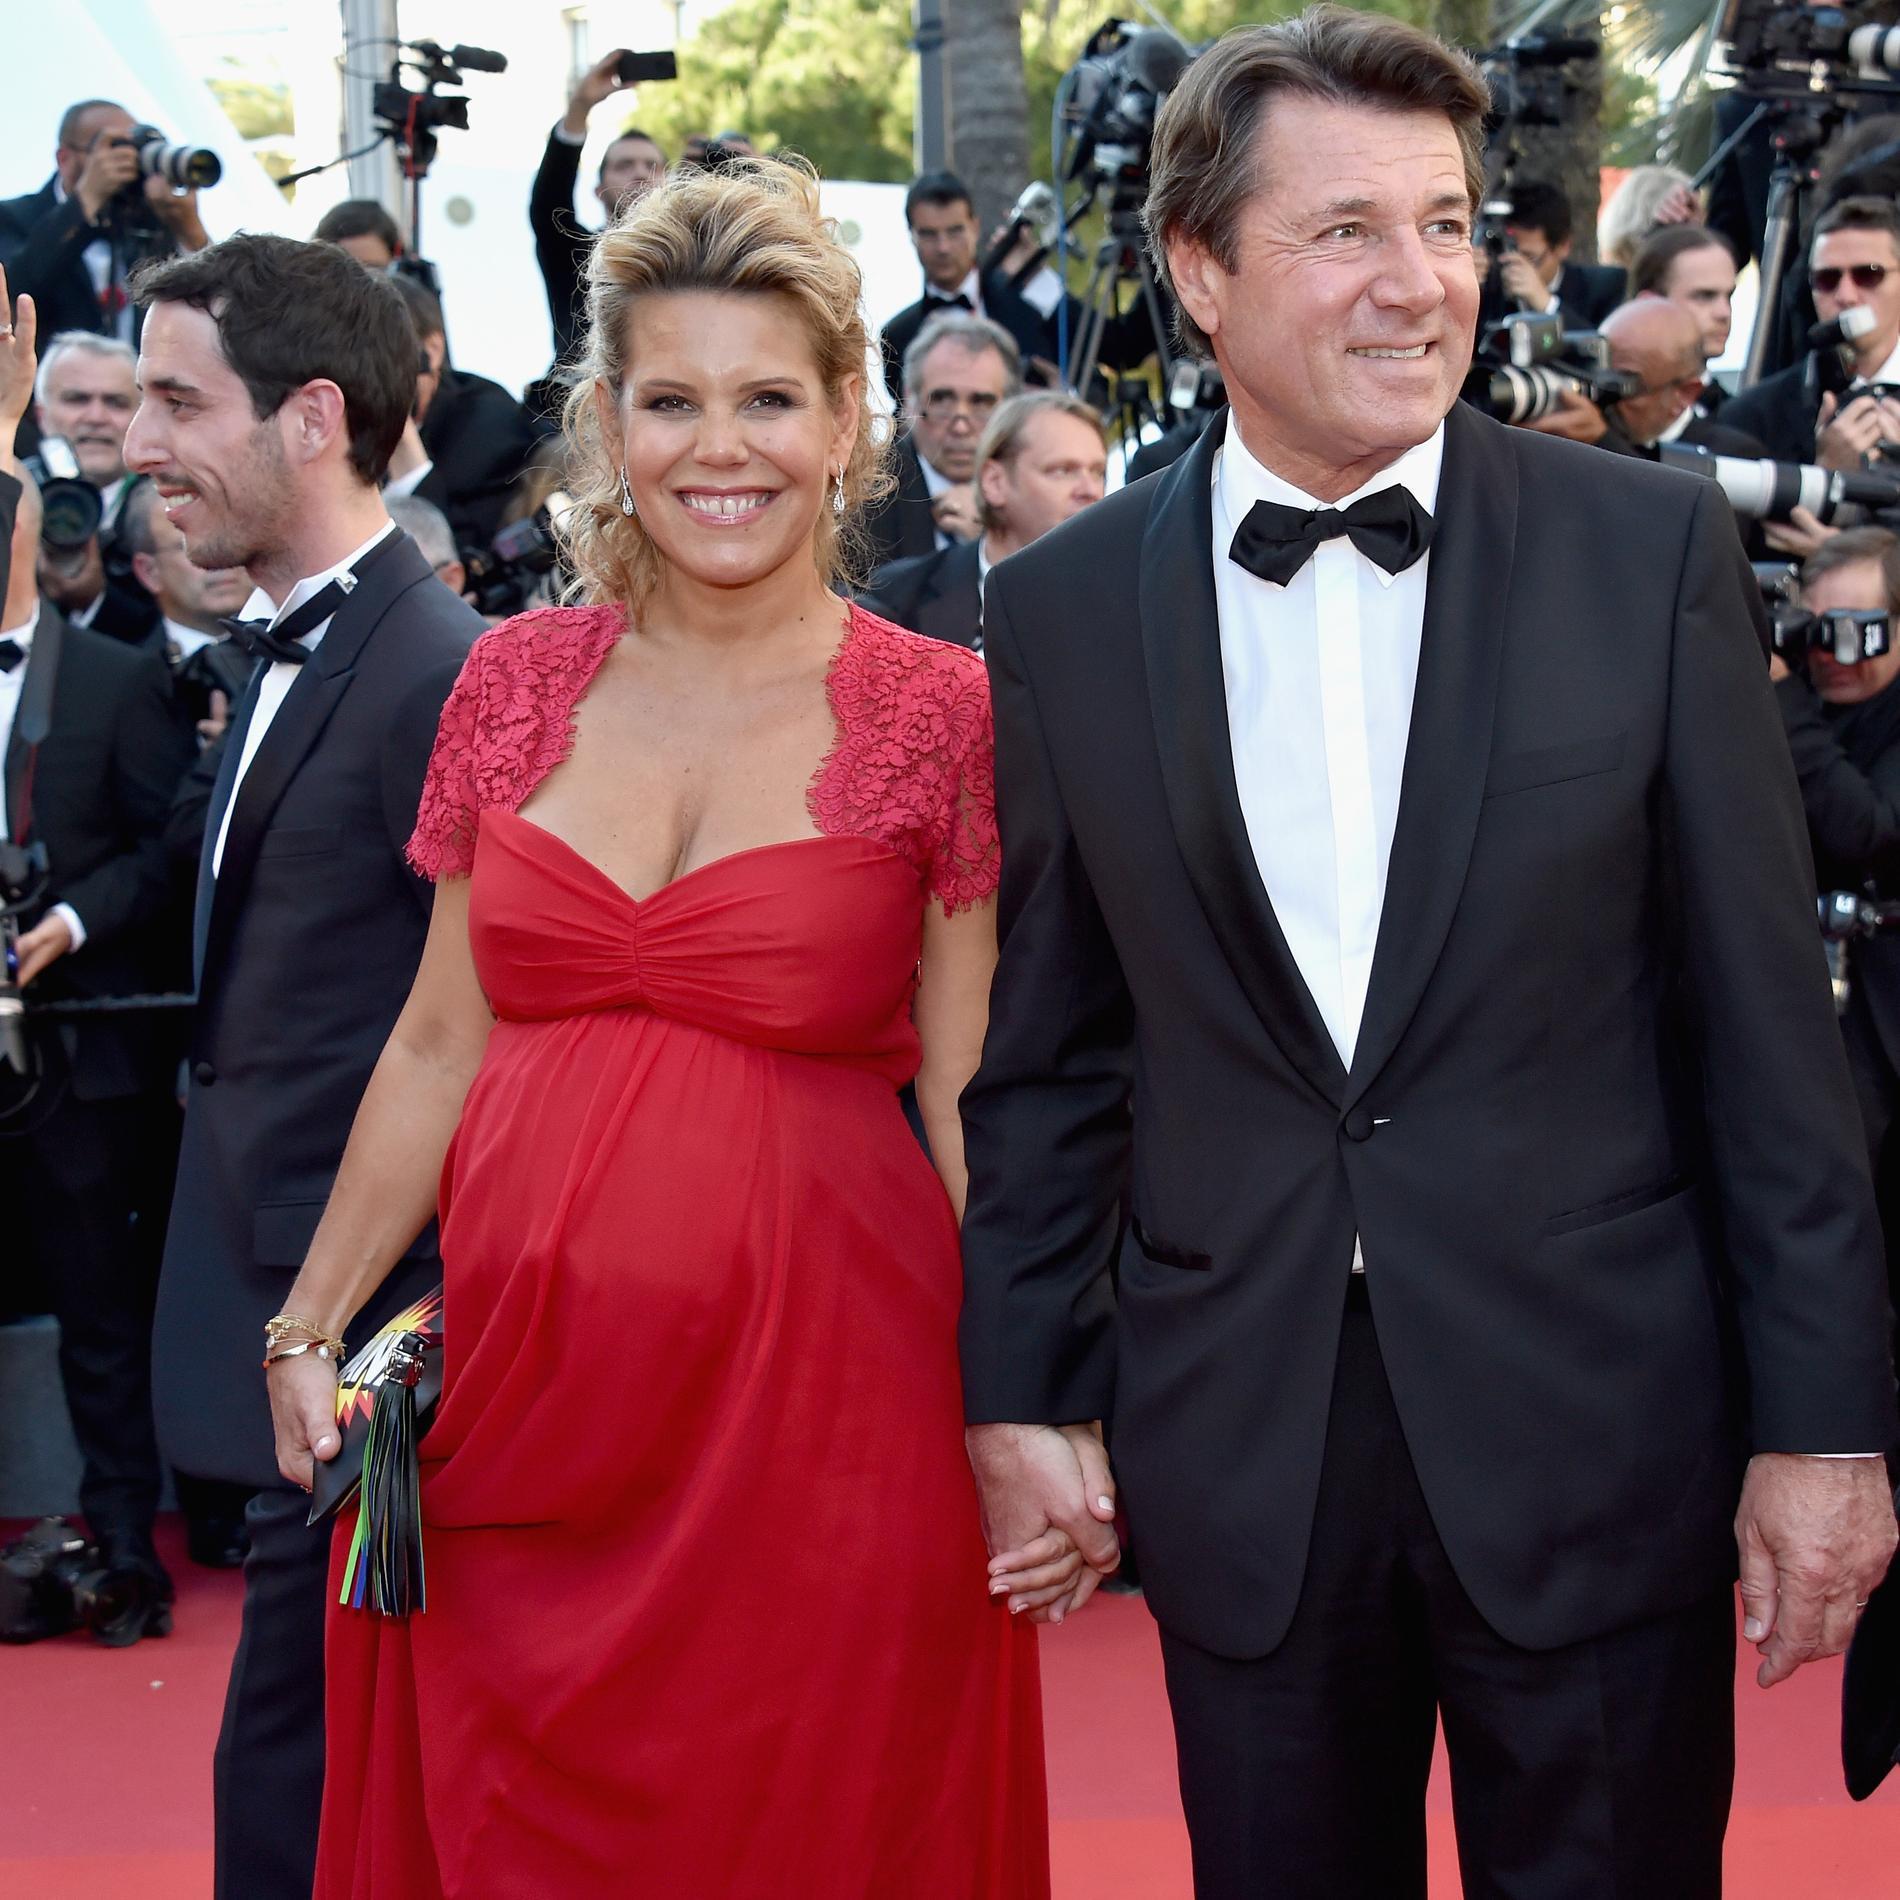 Laura Tenoudji et son mari Christian Estrosi au Festival de Cannes - tout sourire